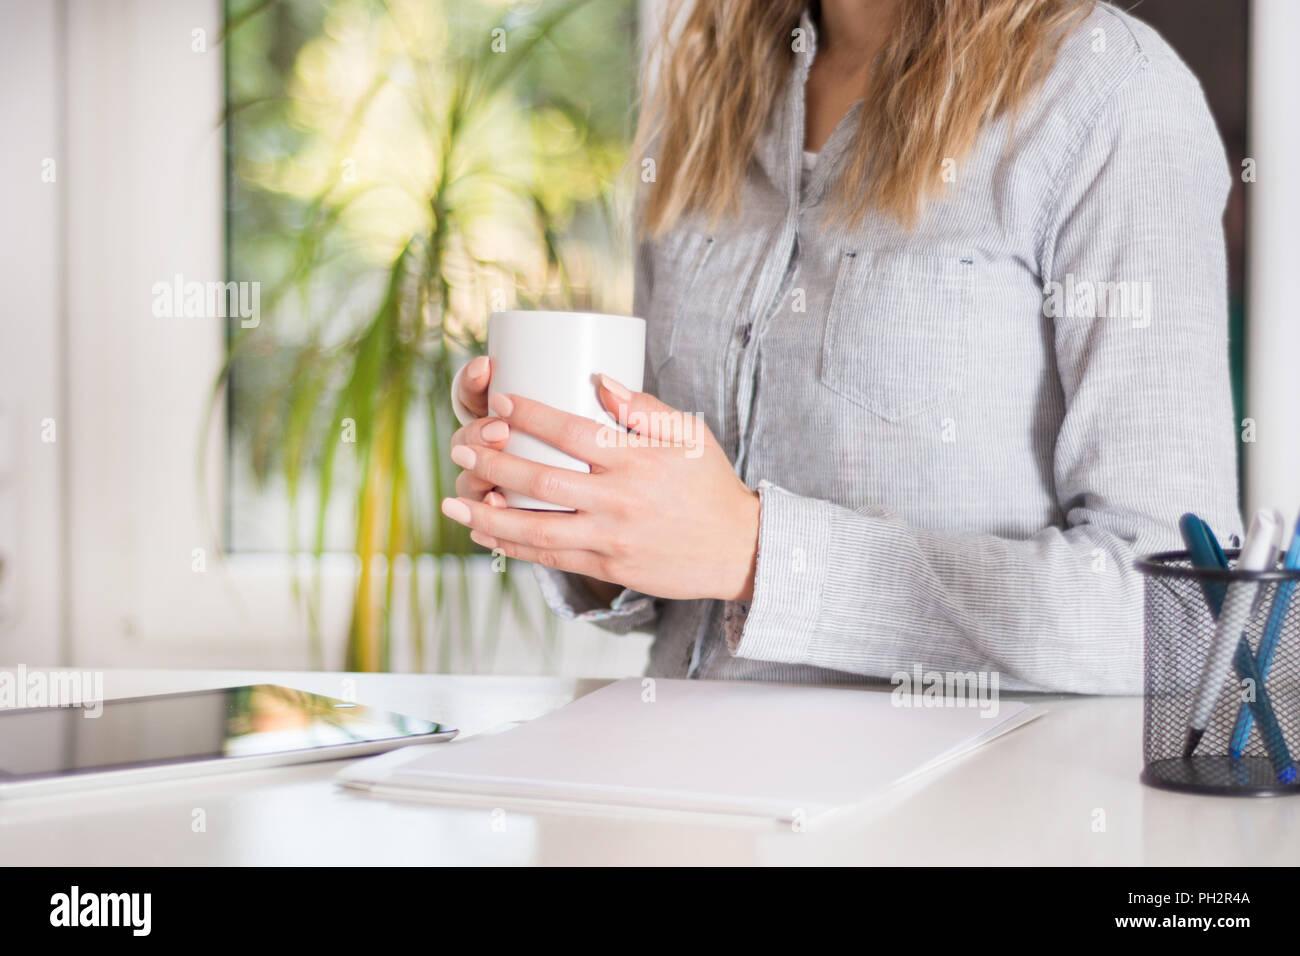 Mujer de negocios sentada en su escritorio en la oficina moderna y blanca sosteniendo una taza de café en la mano. Niña viste camisa elegante en tiras. Gran borrosa verde de windows Imagen De Stock